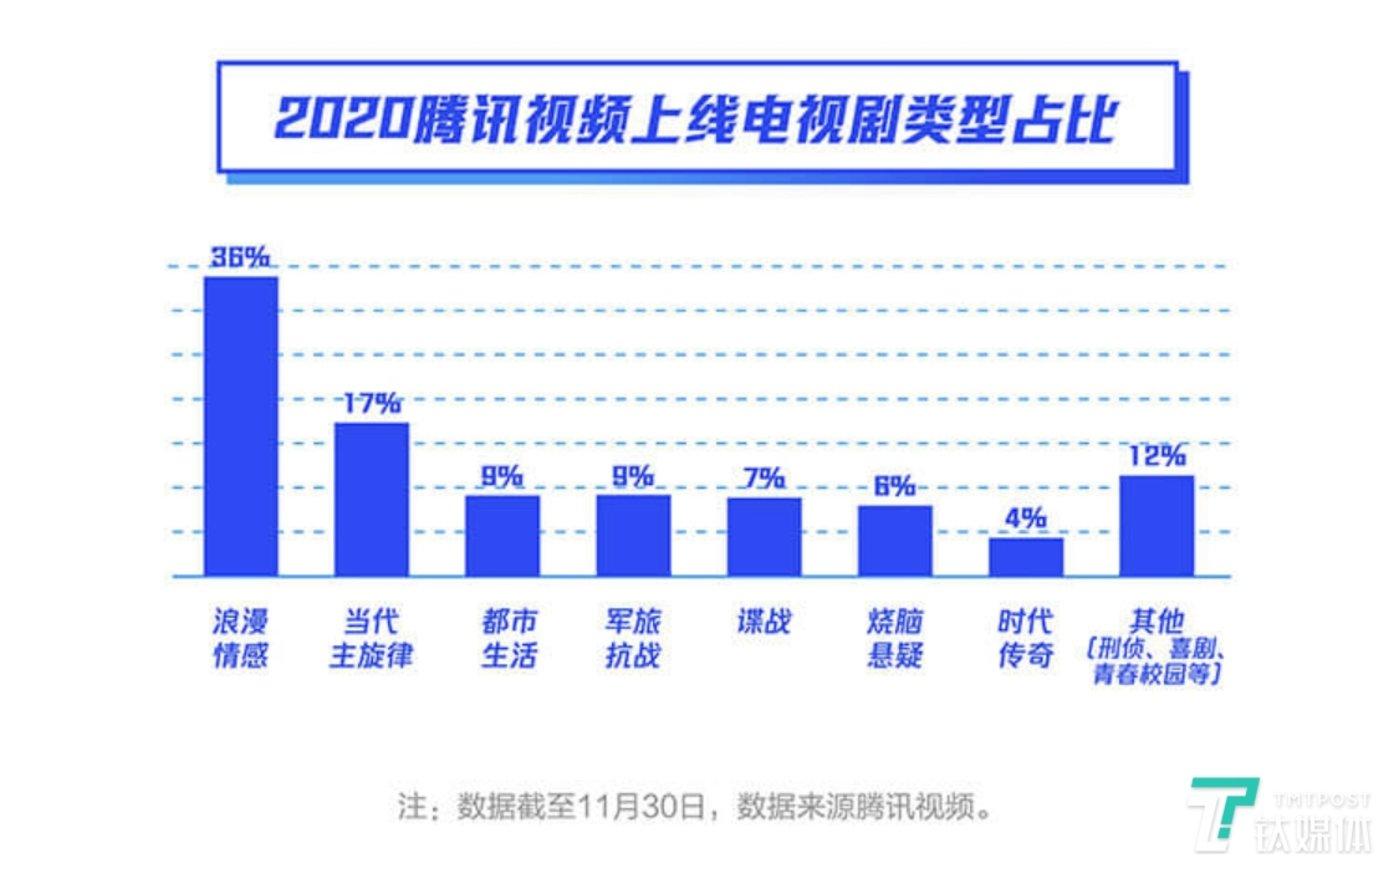 2020腾讯视频上线电视剧类型占比,图片来源:《2020视频年度指数报告》